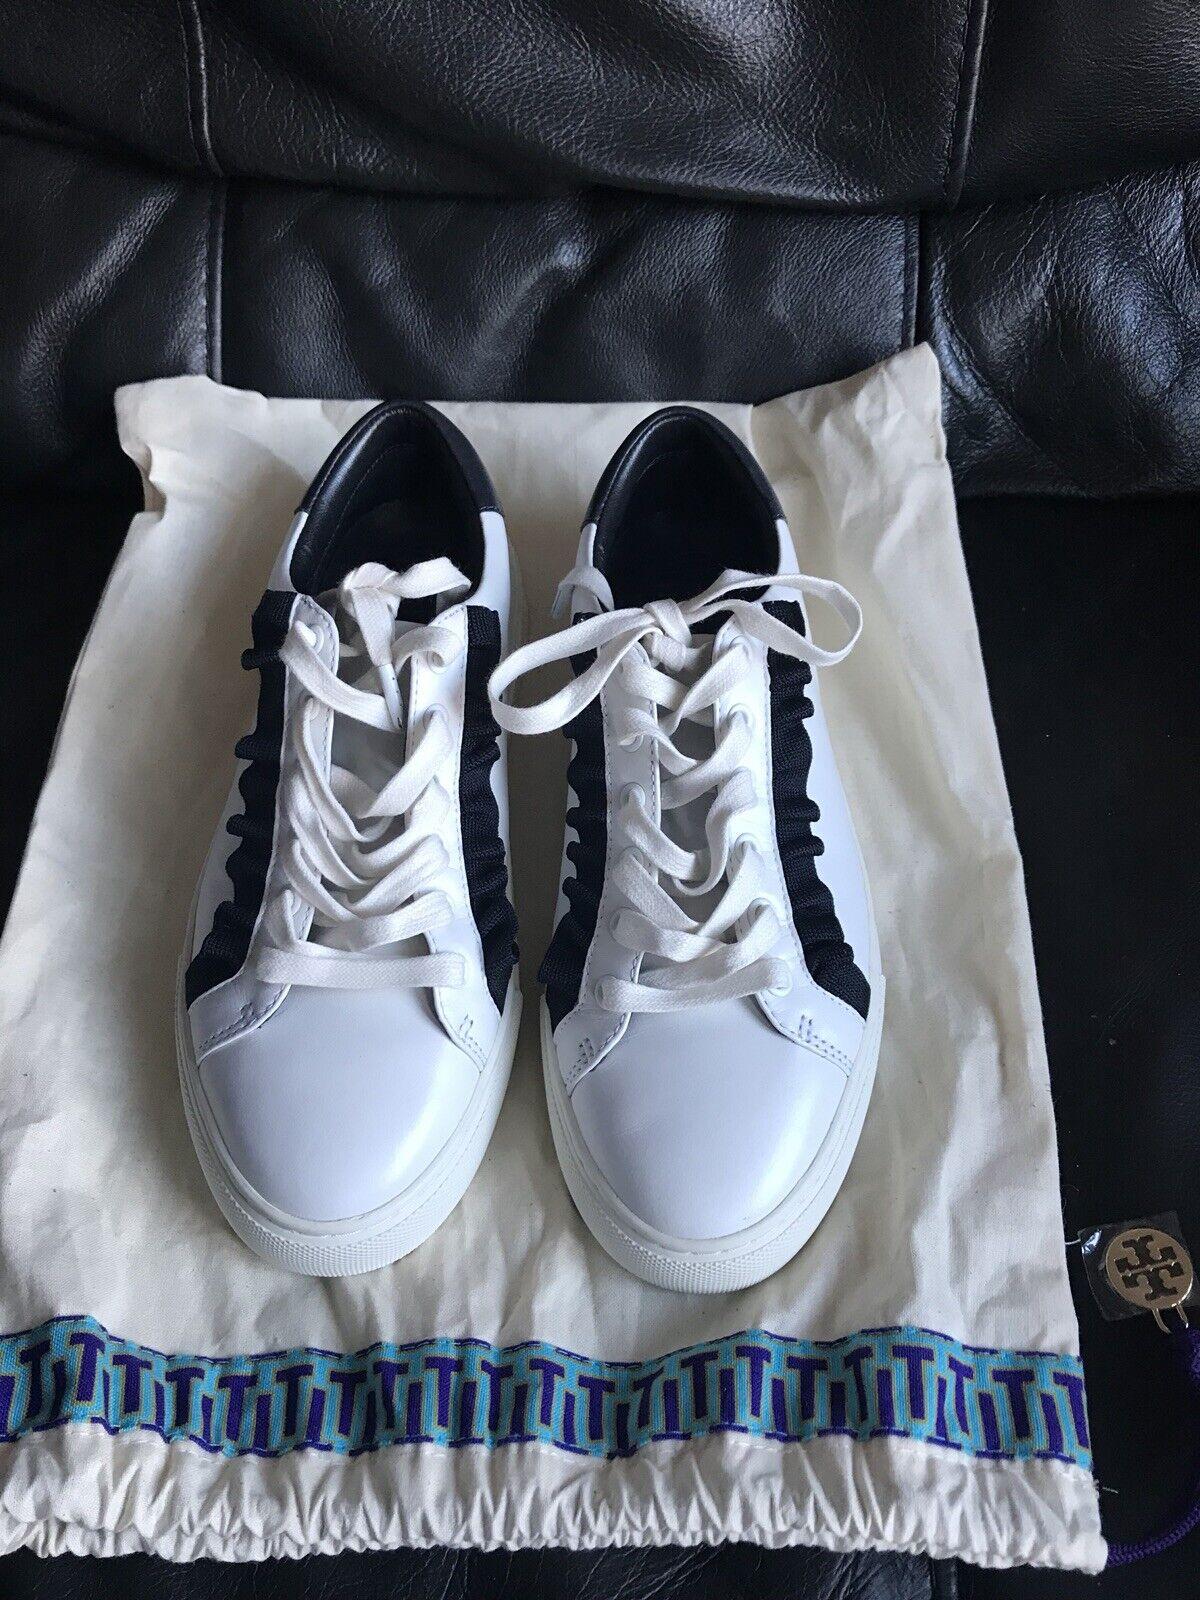 Para Mujer Mujer Mujer Tory Sport Tory Burch Learher volantes Zapatillas zapatillas Talla 4.5 Nuevo  auténtico